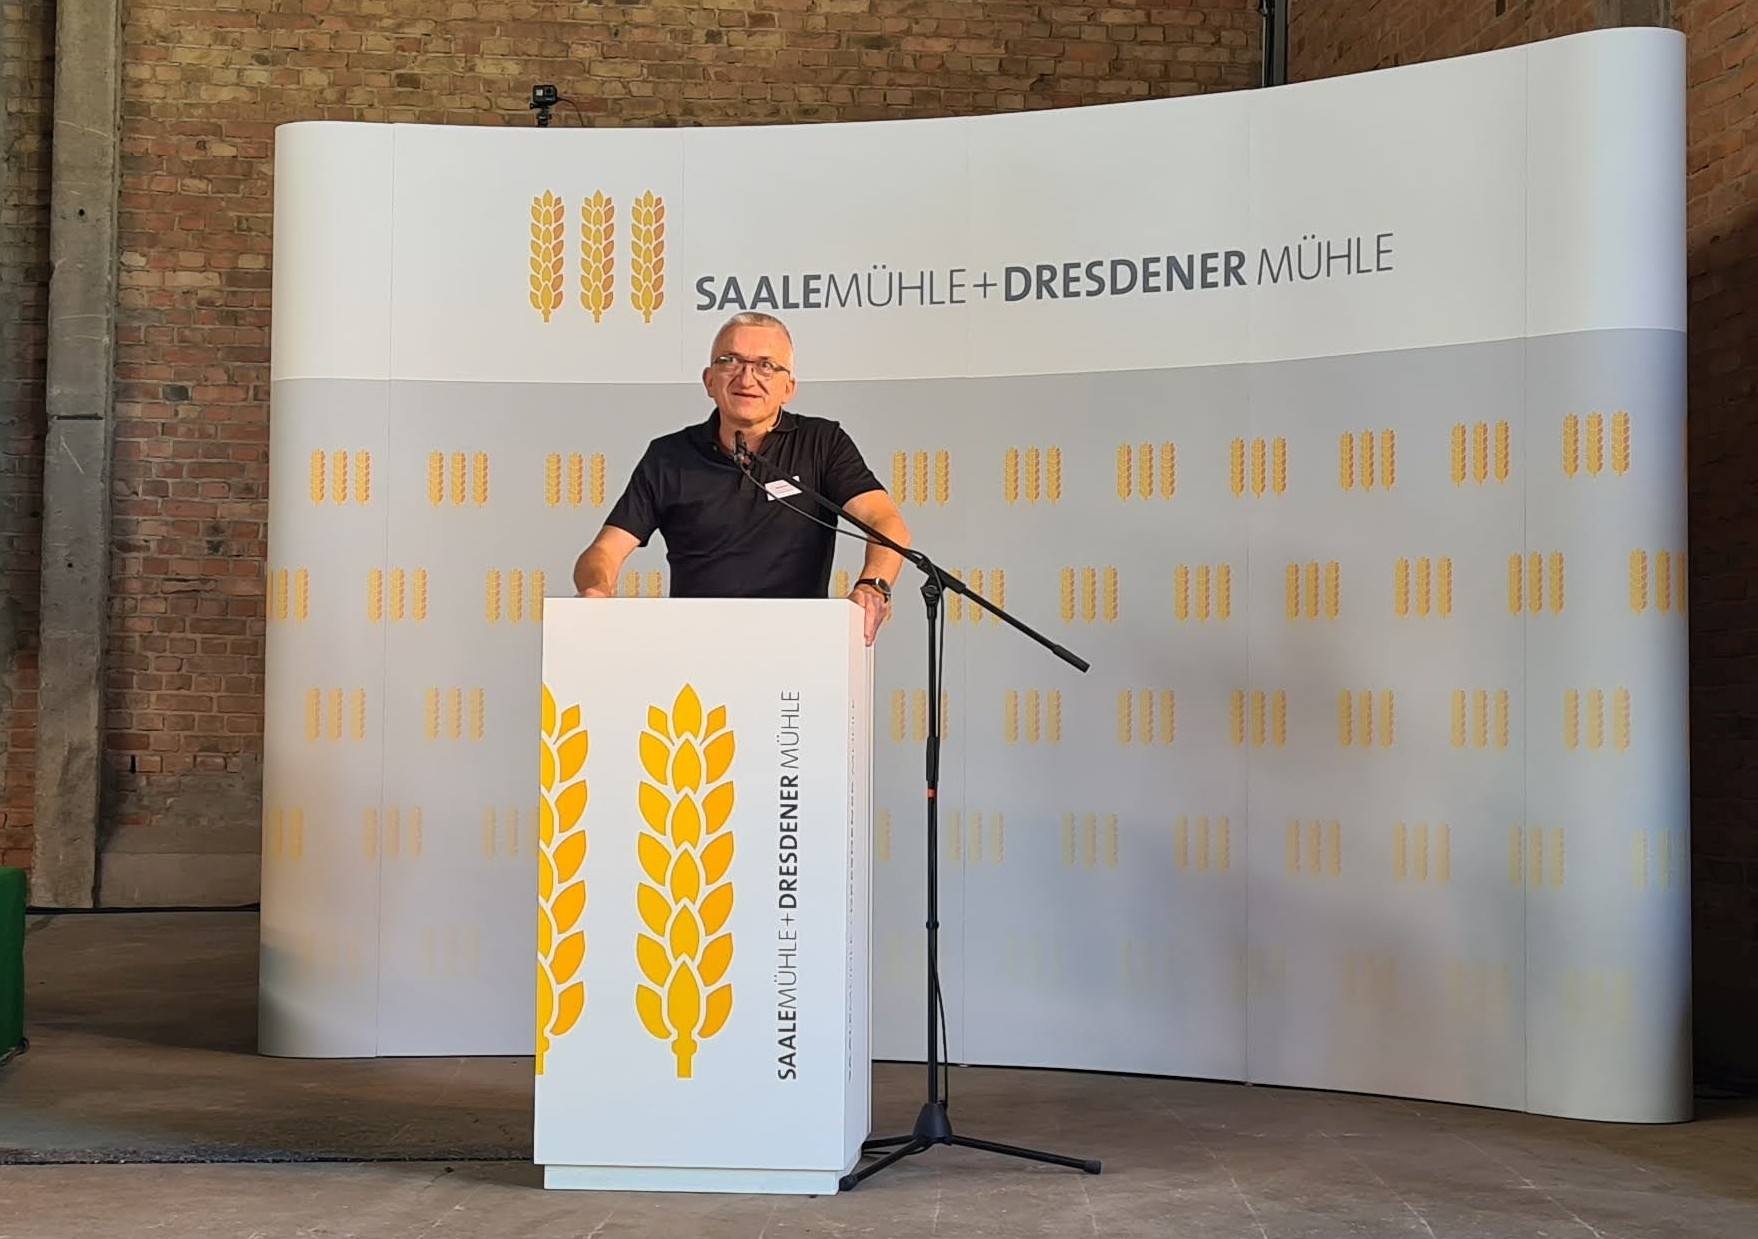 Michael Gutting, Geschäftsführer der Saalemühle+Dresdener Mühle, lud zum Profi-Praxistag 2020 ein.